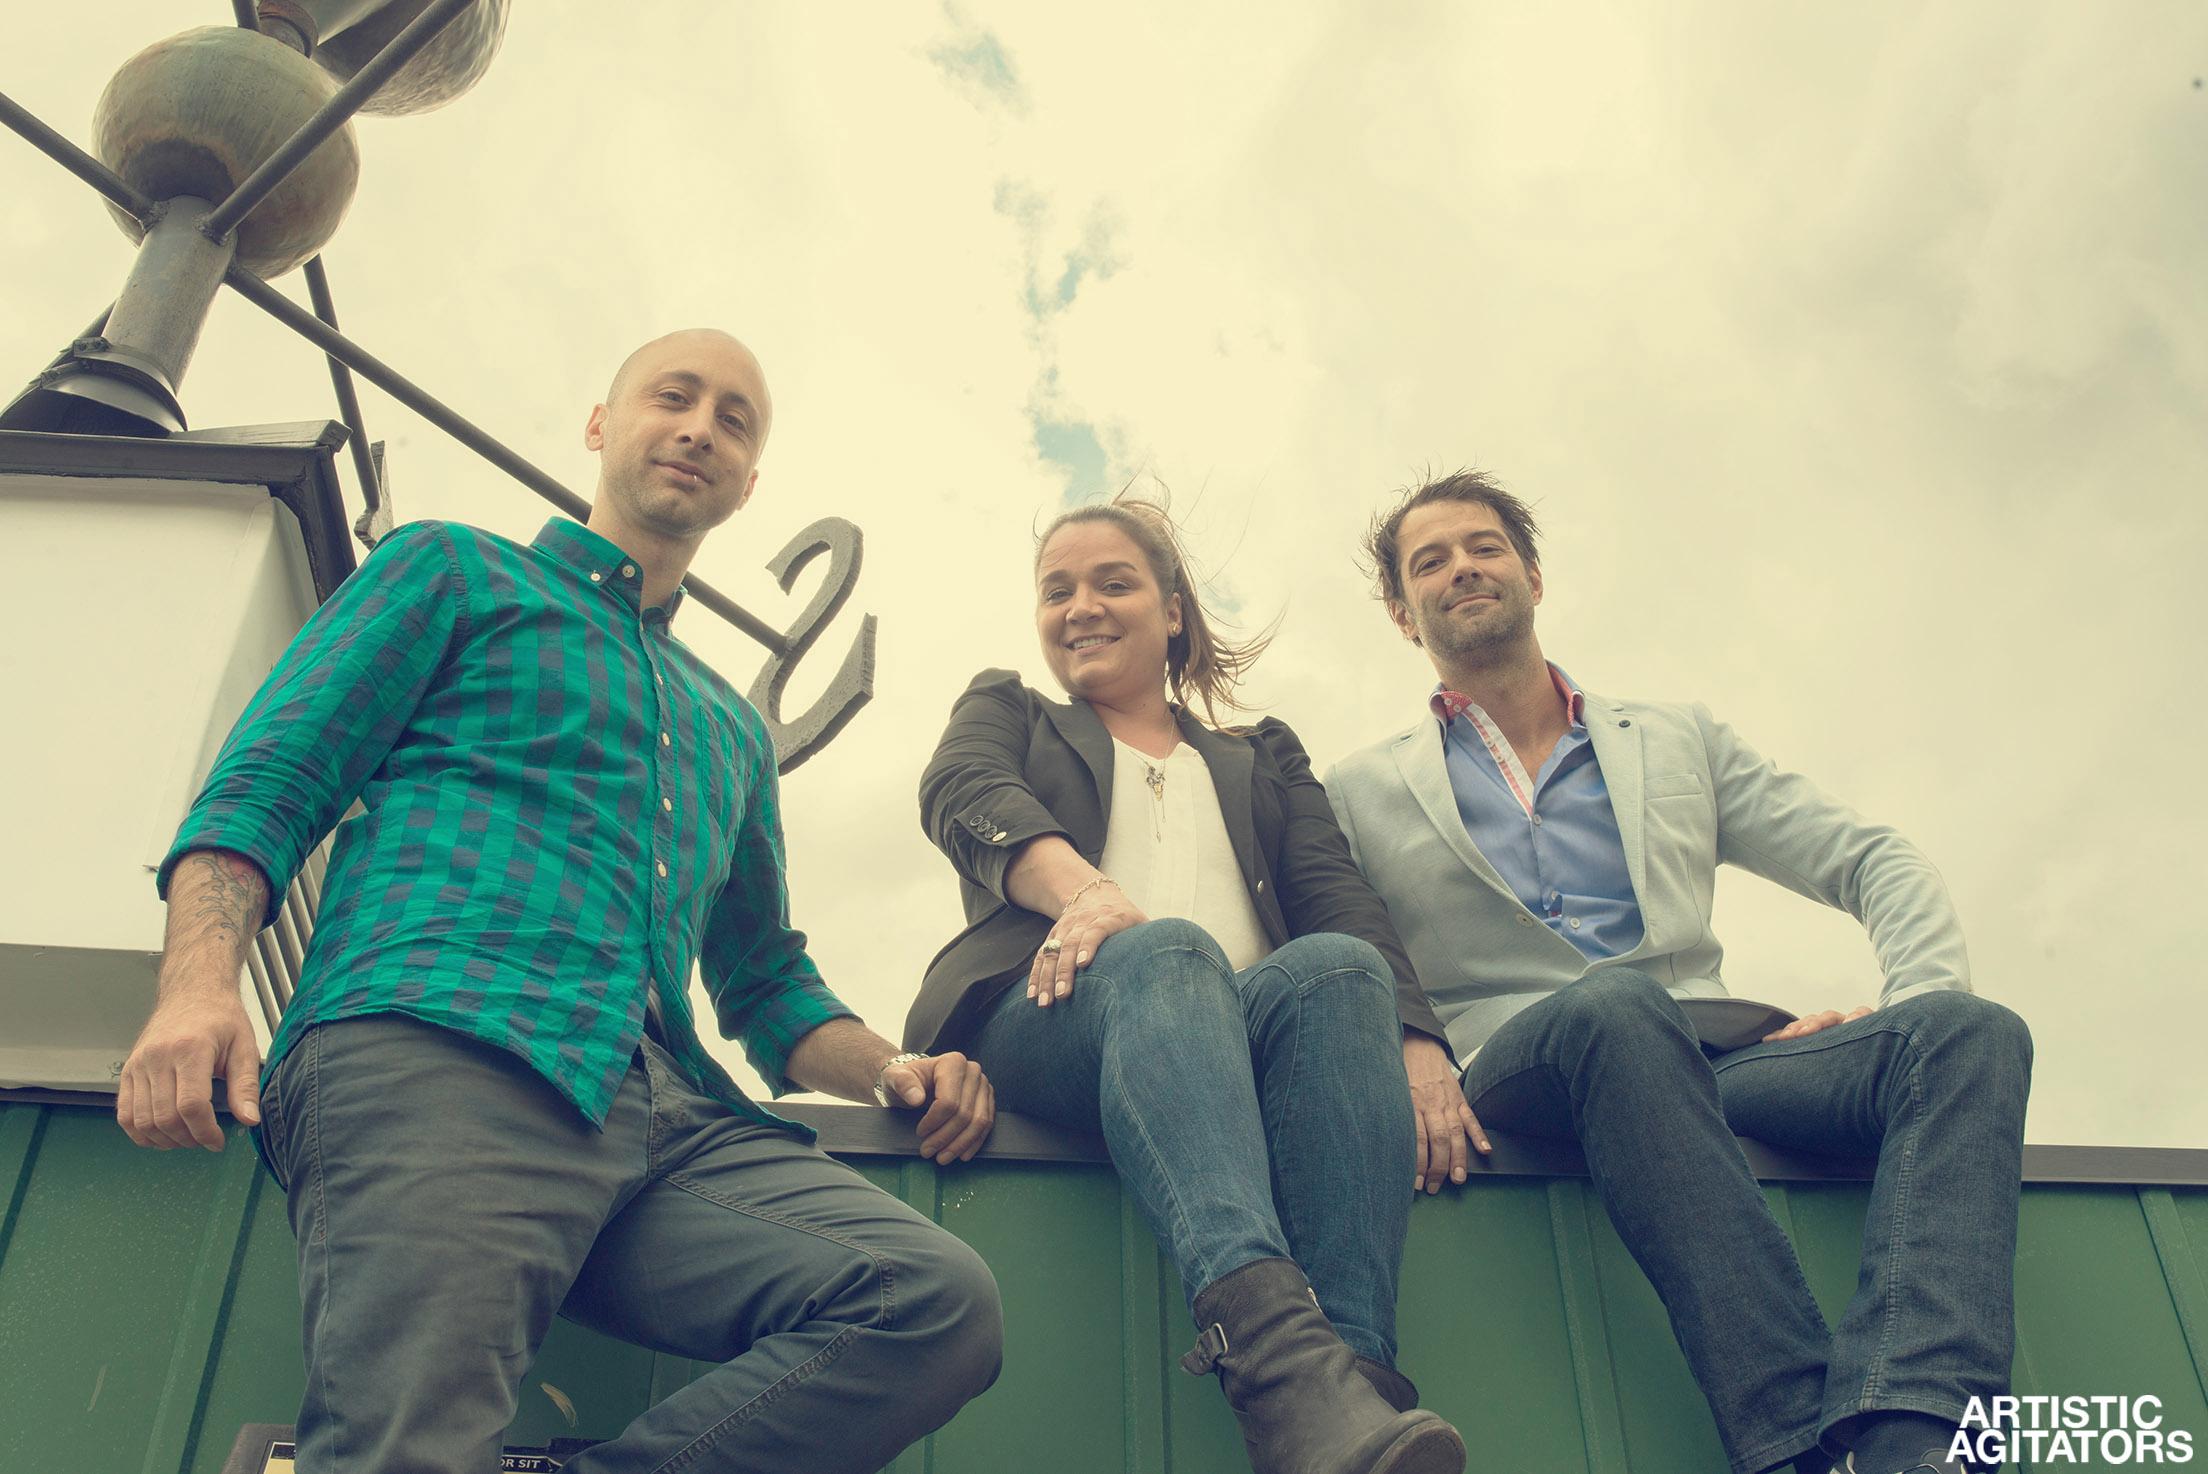 Jeff Stinco, Cindy Simard, and Éric Le François